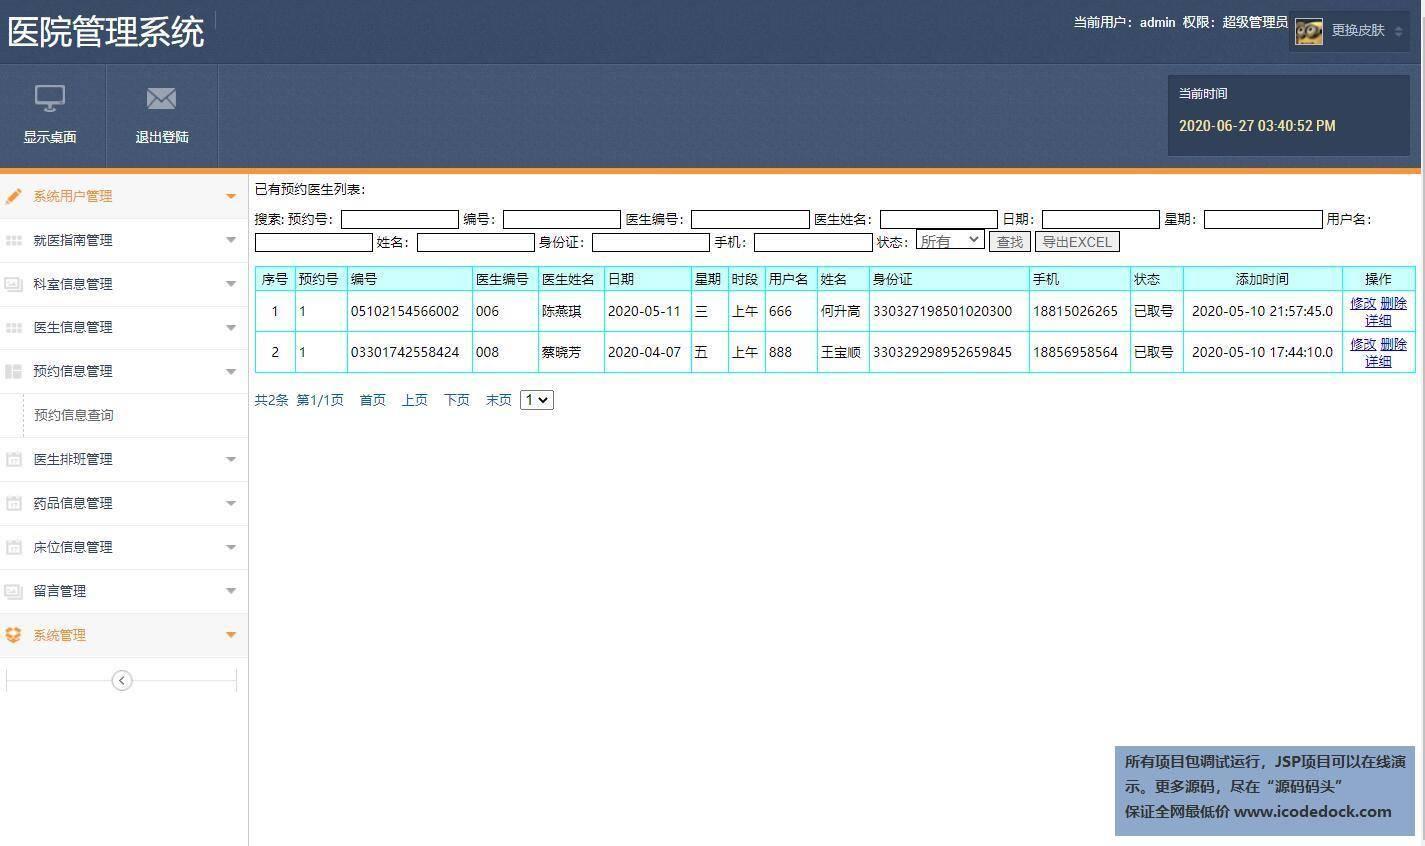 源码码头-JSP医院信息管理系统-管理员角色-预约信息管理